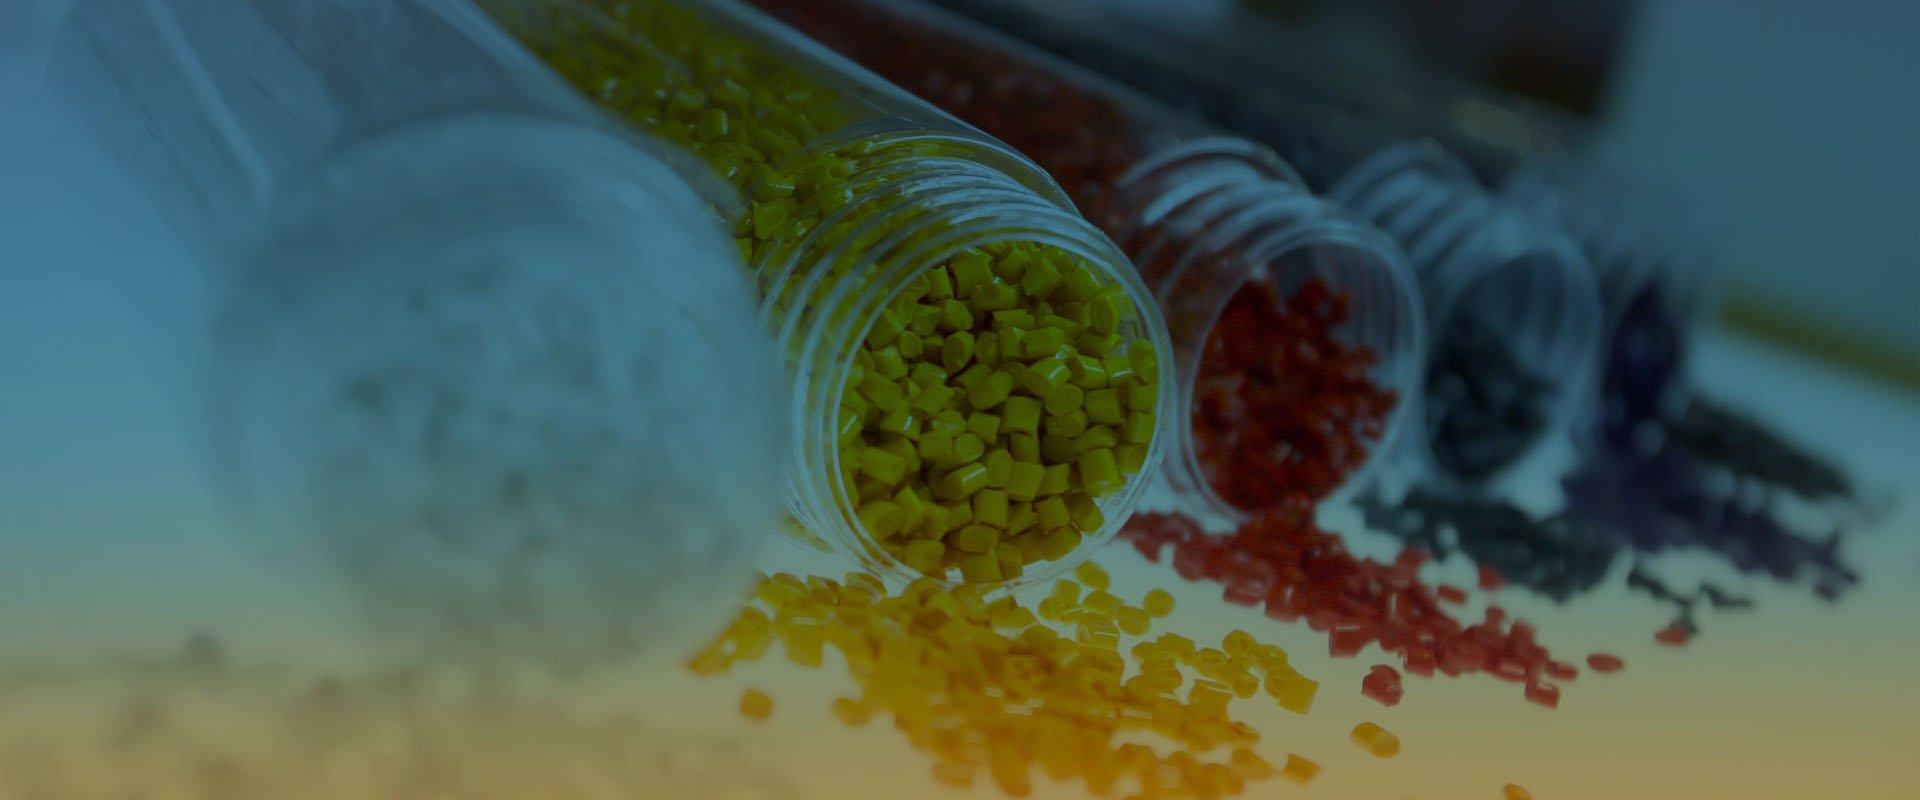 royce colors fabricantes de masterbatch parallax 1 - ROYCE COLORS | FABRICANTES DE MASTER BATCH Y PIGMENTO PARA PLASTICO